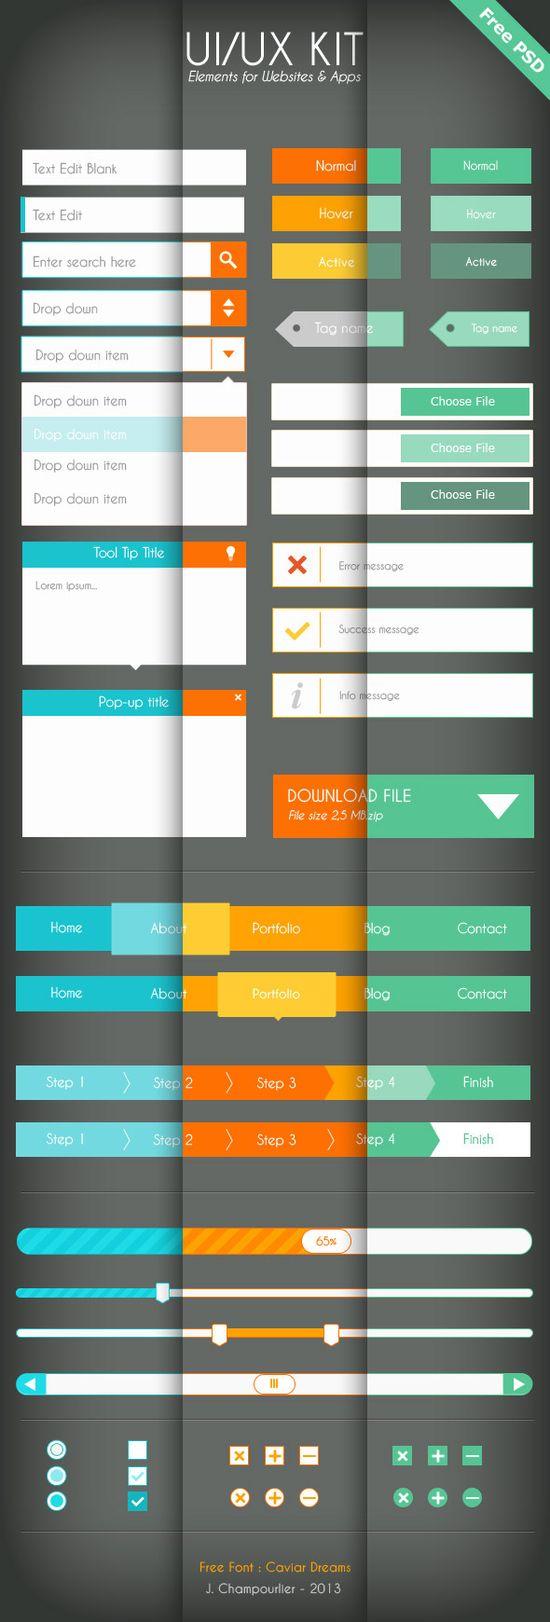 UI/UX Flat design – Free PSD by Julie Champourlier